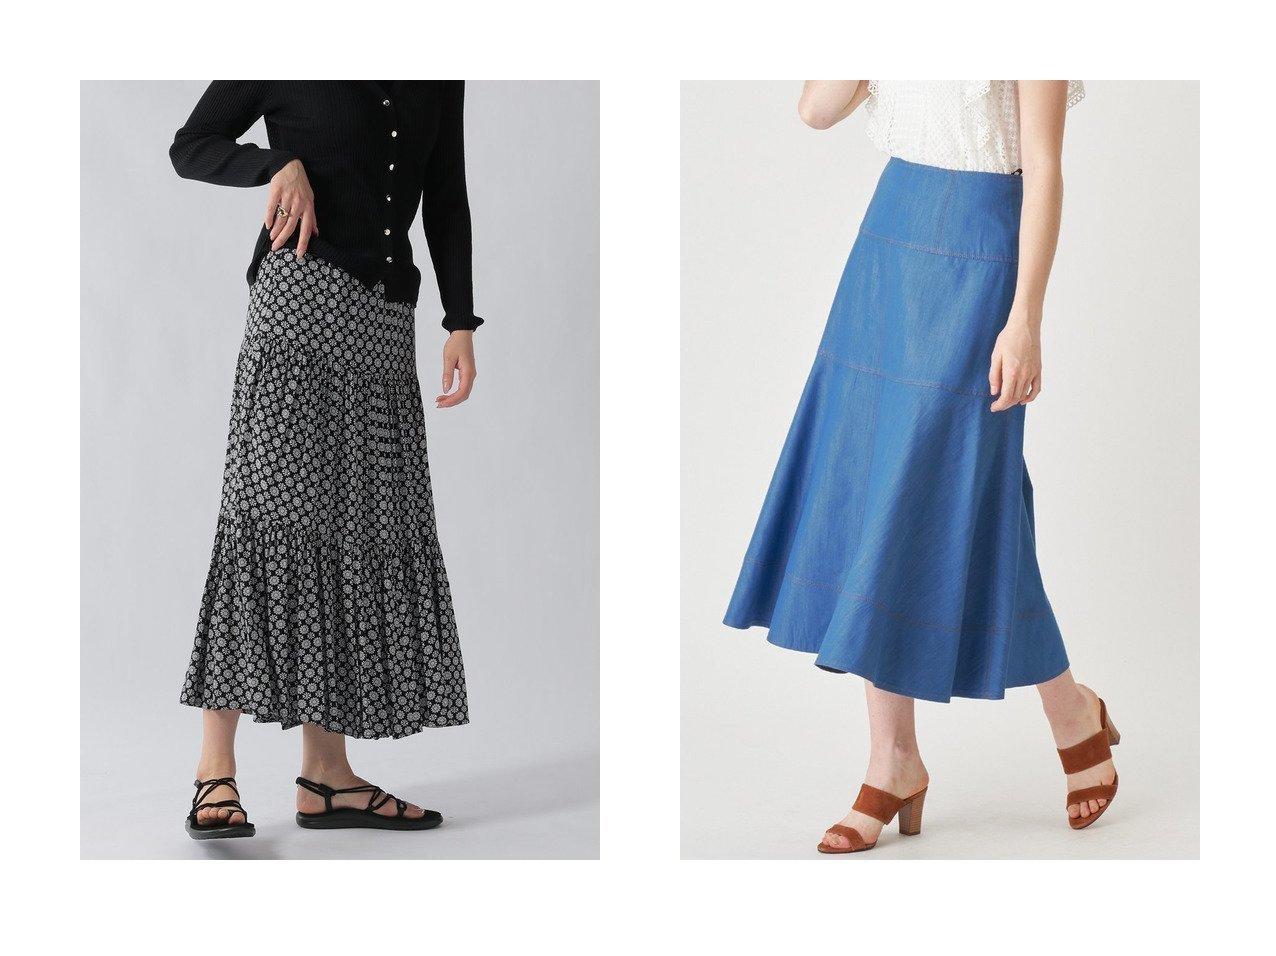 【ANAYI/アナイ】のデニムチョウロング スカート&【Ezick/エジック】の刺繍ティアードスカート 【スカート】おすすめ!人気、トレンド・レディースファッションの通販 おすすめで人気の流行・トレンド、ファッションの通販商品 メンズファッション・キッズファッション・インテリア・家具・レディースファッション・服の通販 founy(ファニー) https://founy.com/ ファッション Fashion レディースファッション WOMEN スカート Skirt ロングスカート Long Skirt ティアードスカート Tiered Skirts シャンブレー デニム フレア ロング |ID:crp329100000036699